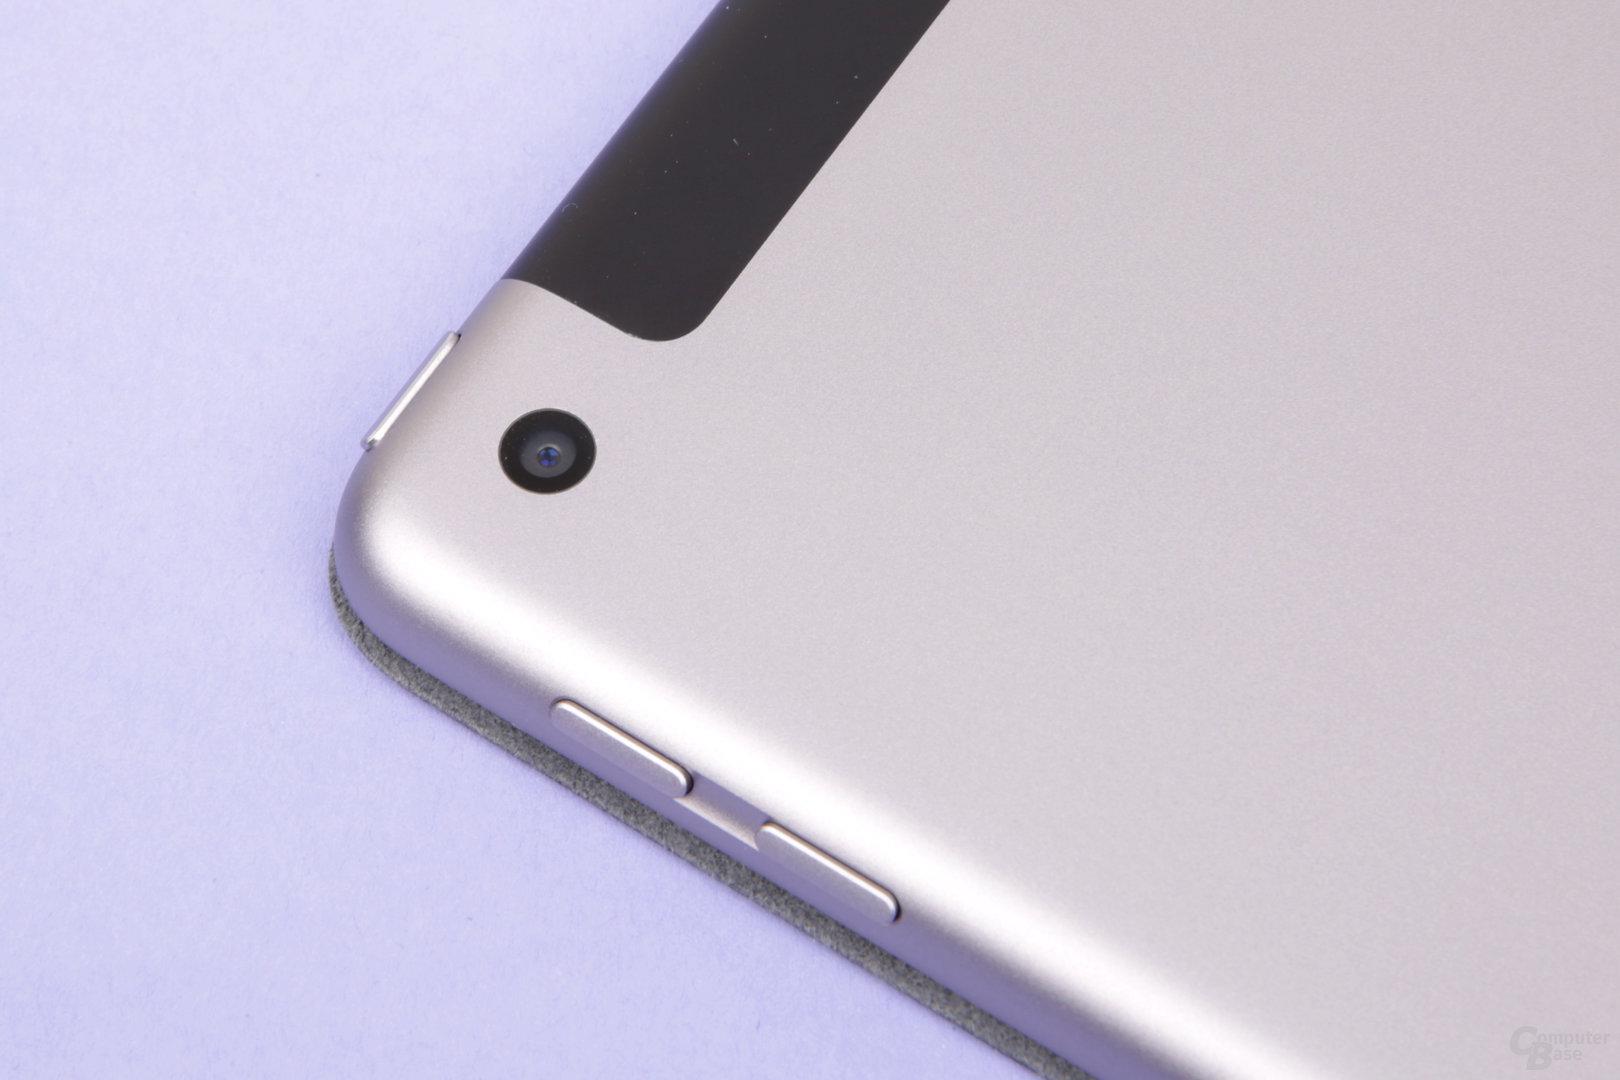 Die neue Kamera ist eigentlich alt und entspricht dem iPad Air 2